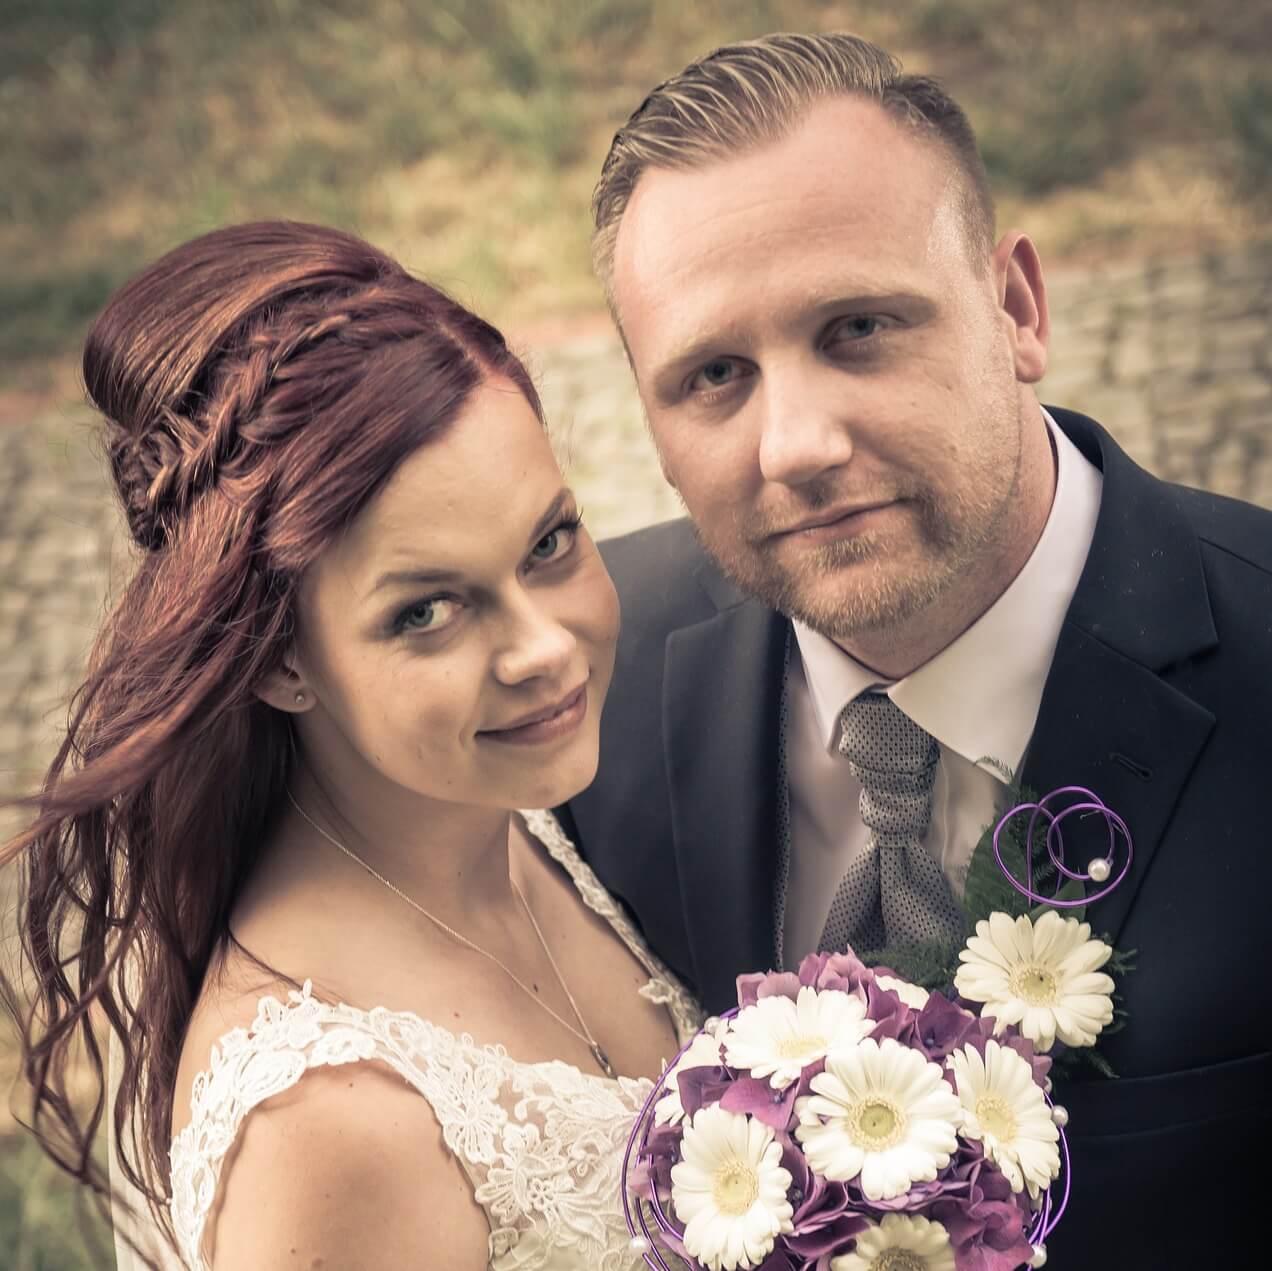 Hochzeitspaar Empfehlung